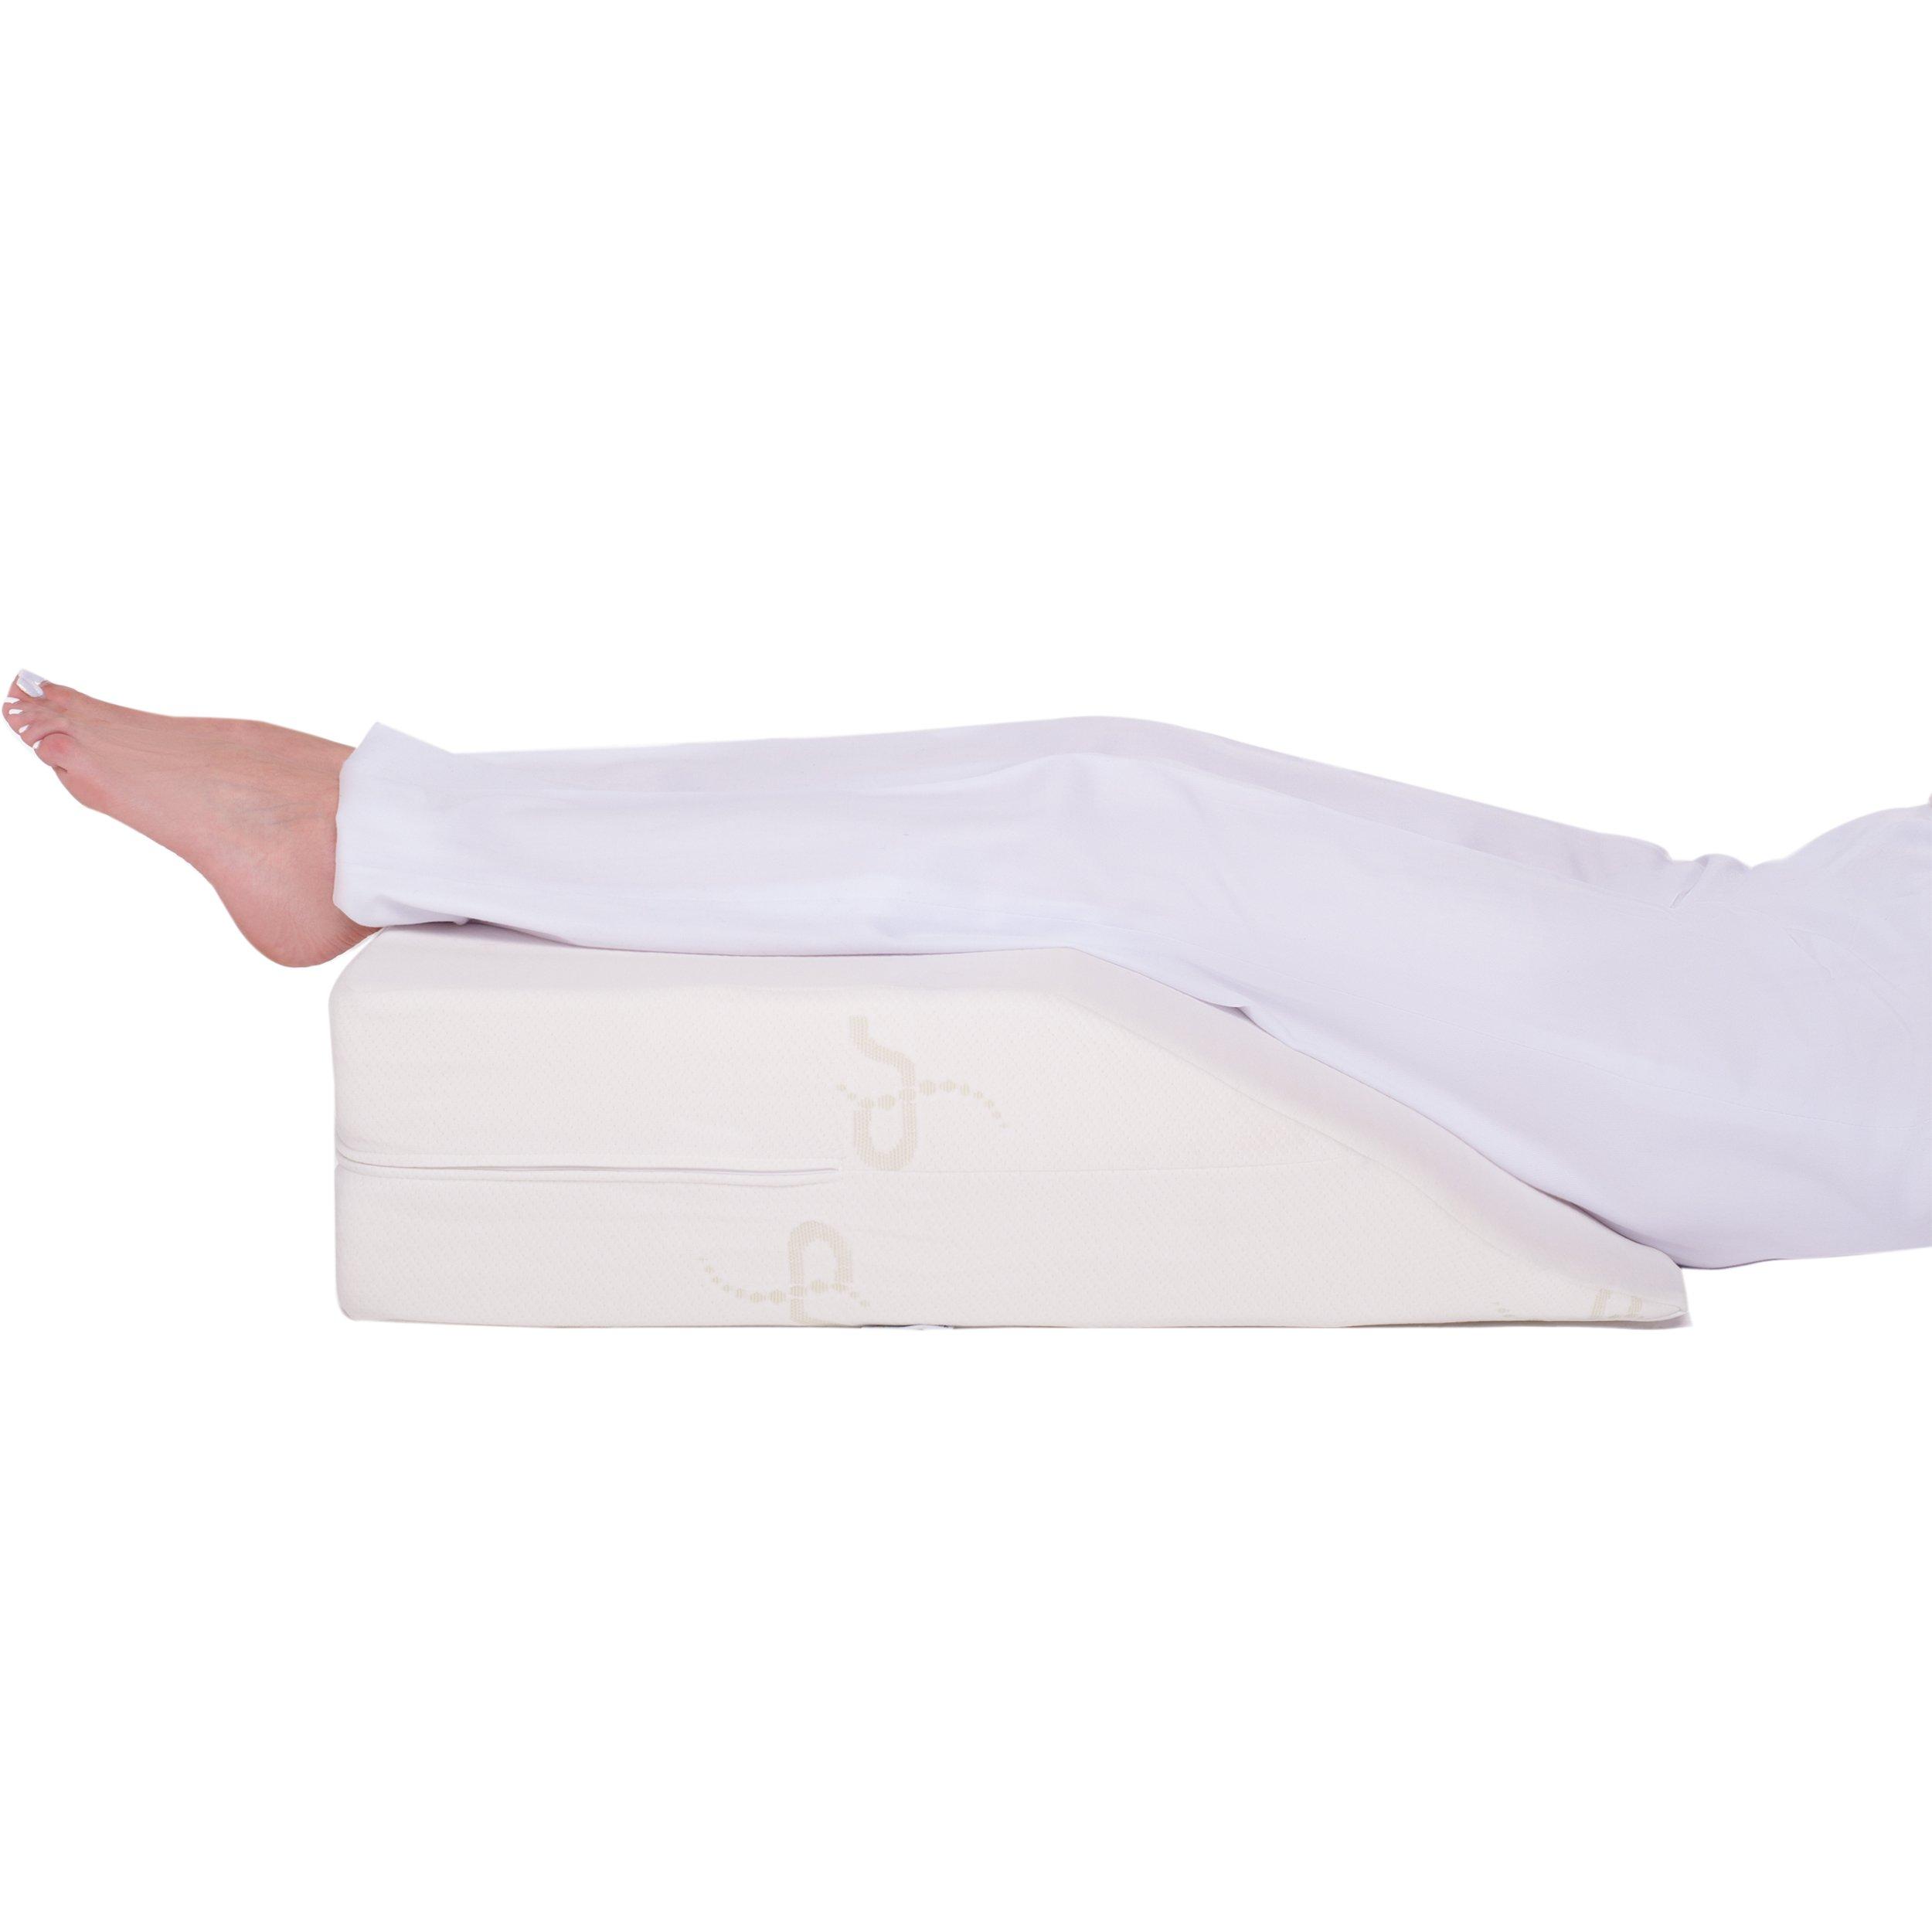 Dormire Cuscino Tra Le Gambe.I Piu Votati Nella Categoria Cuscini Per Le Gambe Recensioni